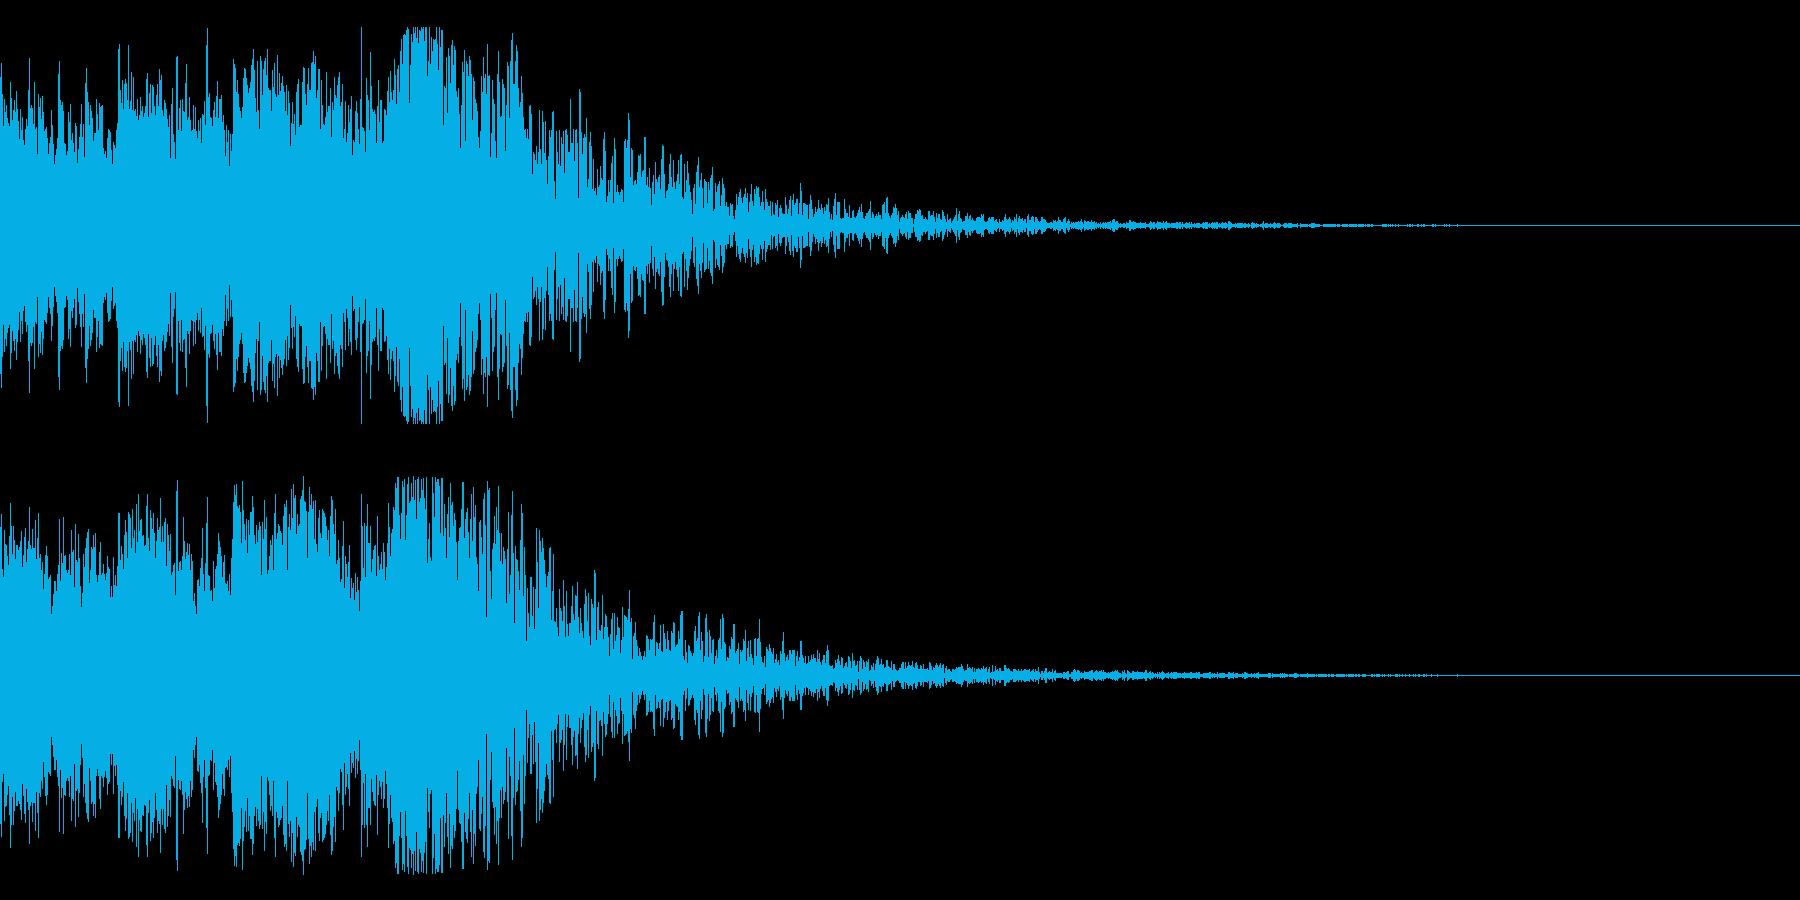 和風 オーケストラヒット ジングル!6bの再生済みの波形